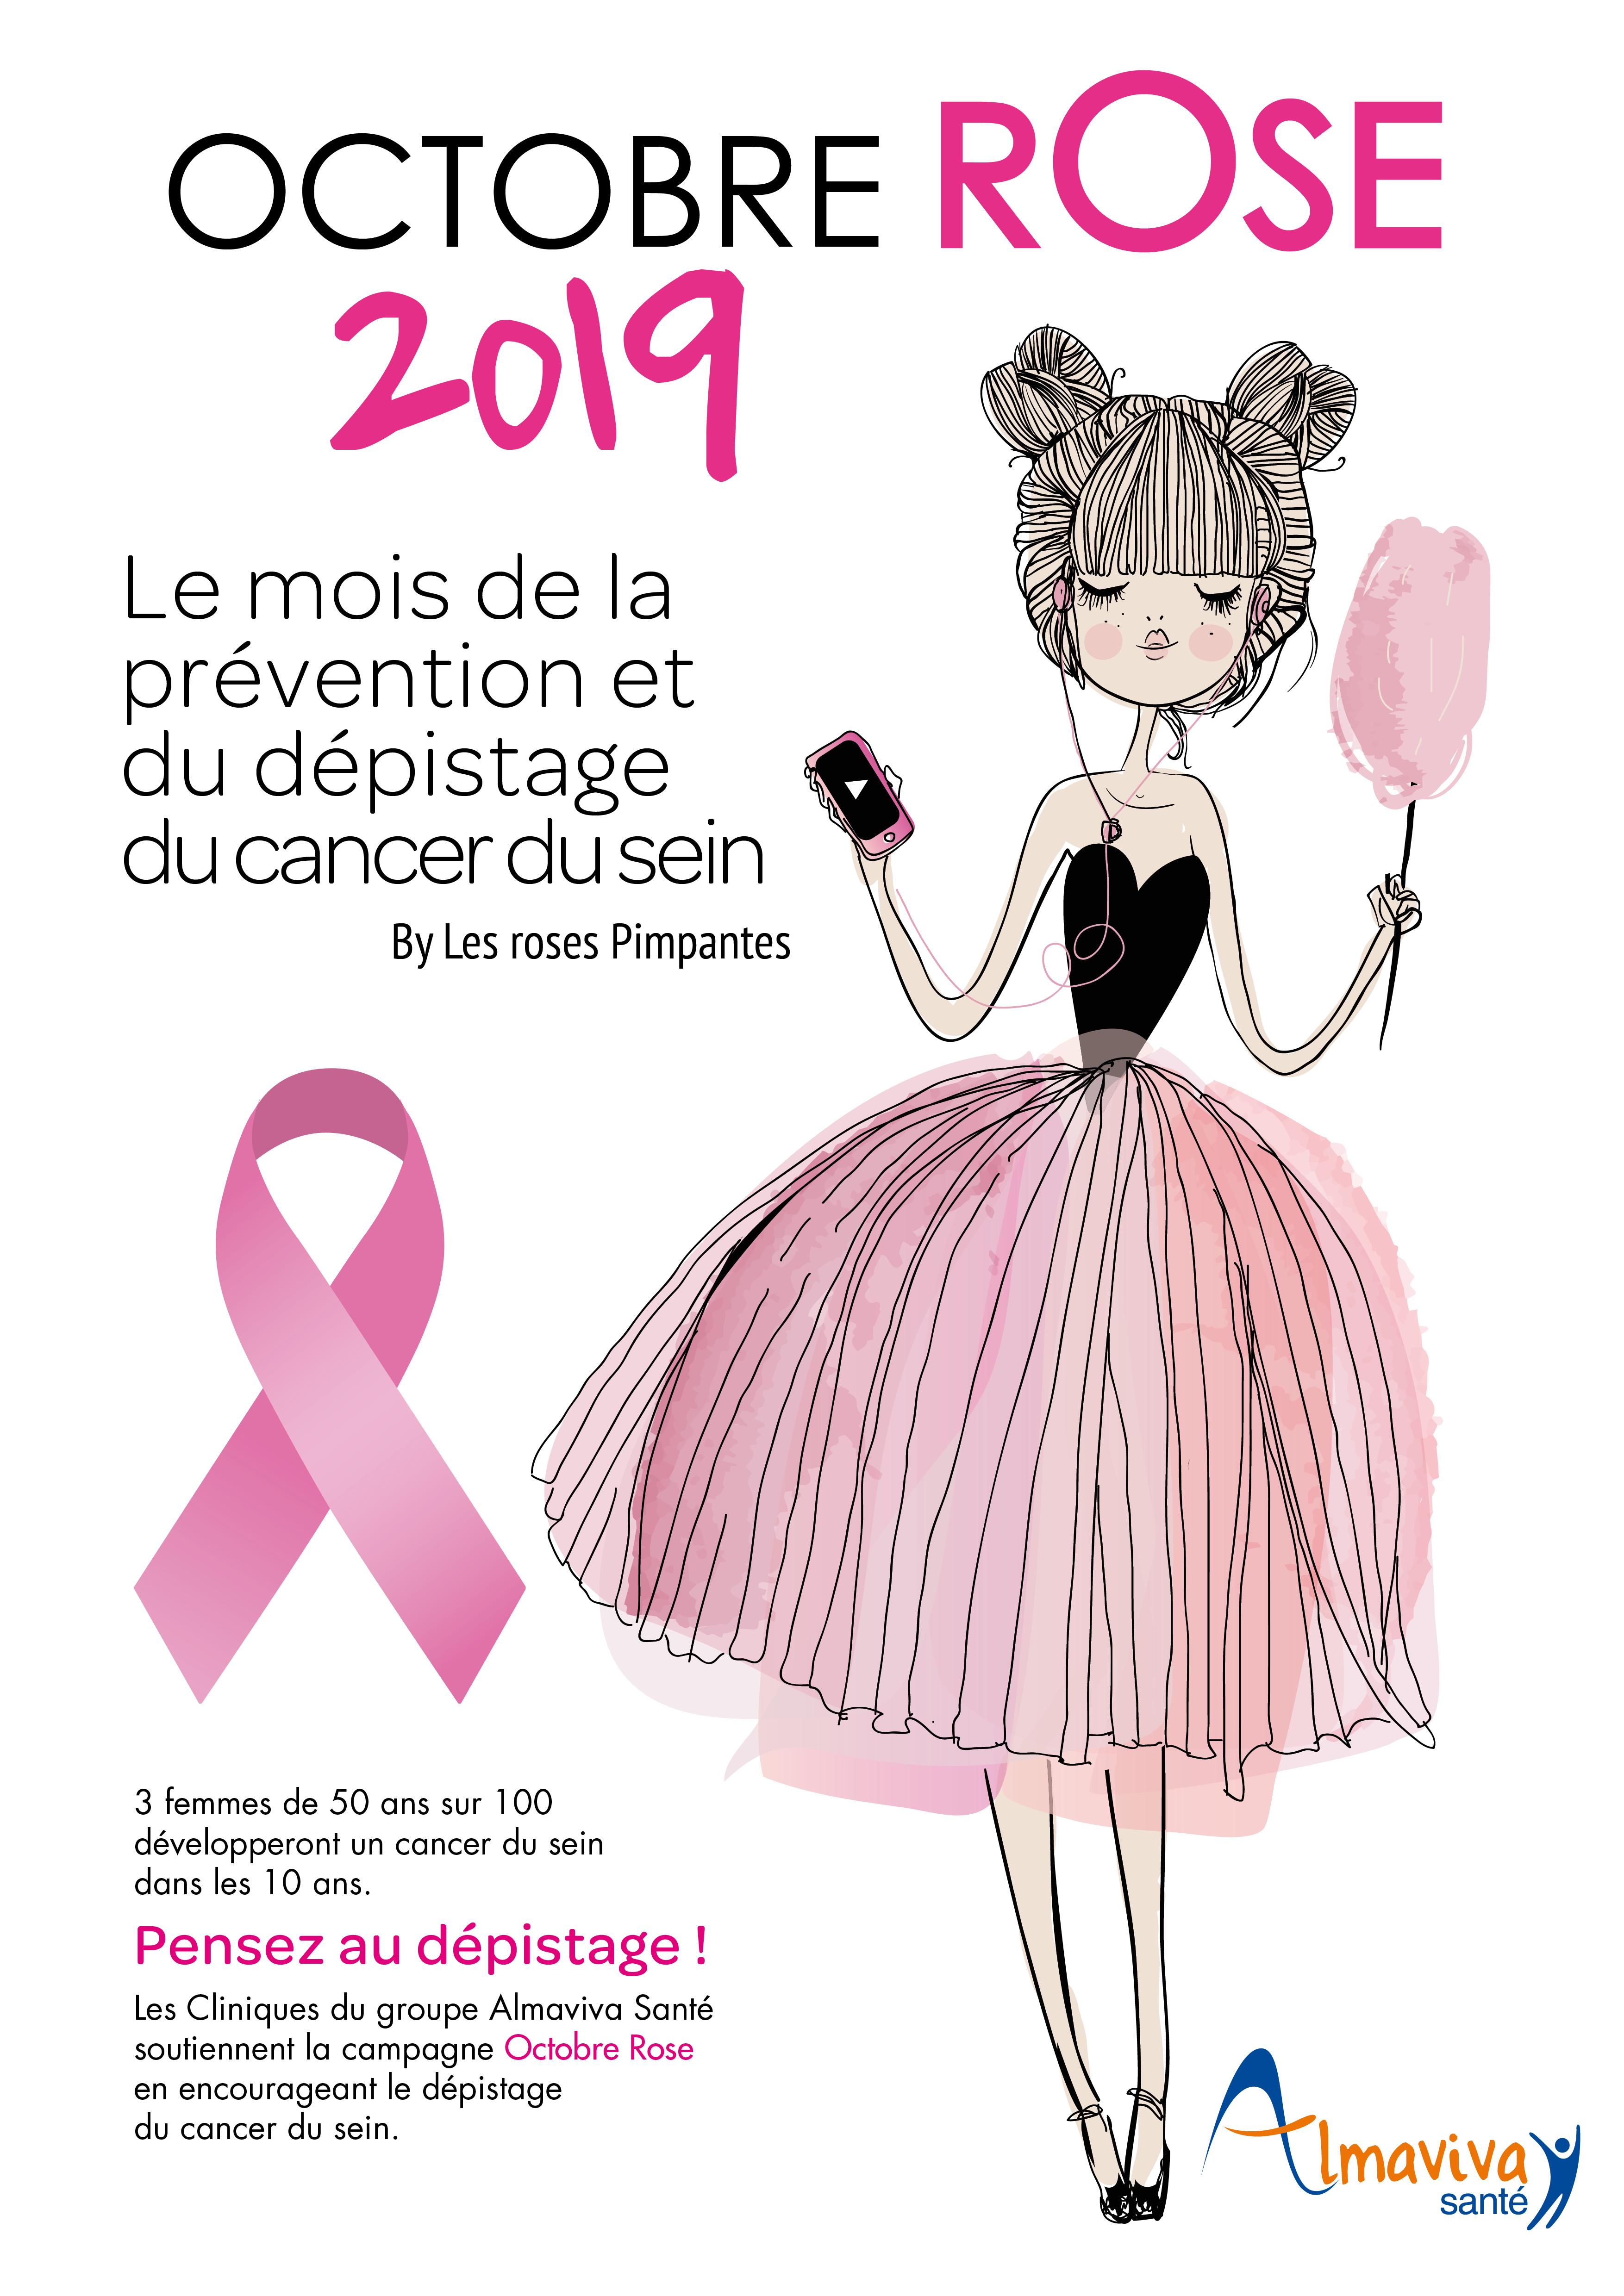 OCTOBRE ROSE : La clinique de l'Yvette participe à la lutte contre le cancer du sein